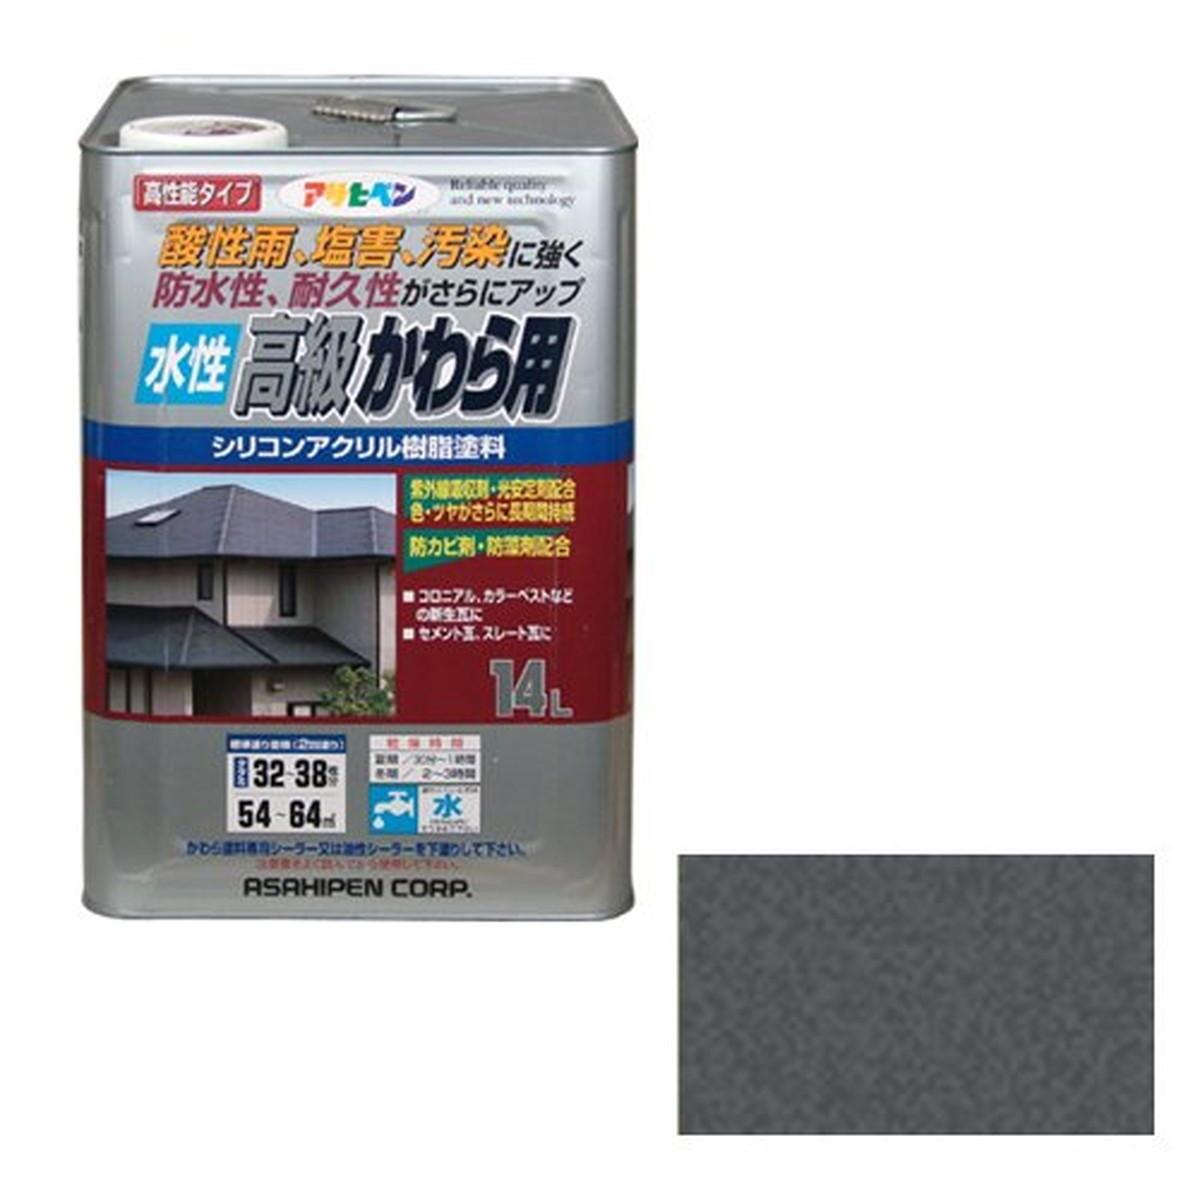 アサヒペン 水性高級かわら用 銀黒 14L